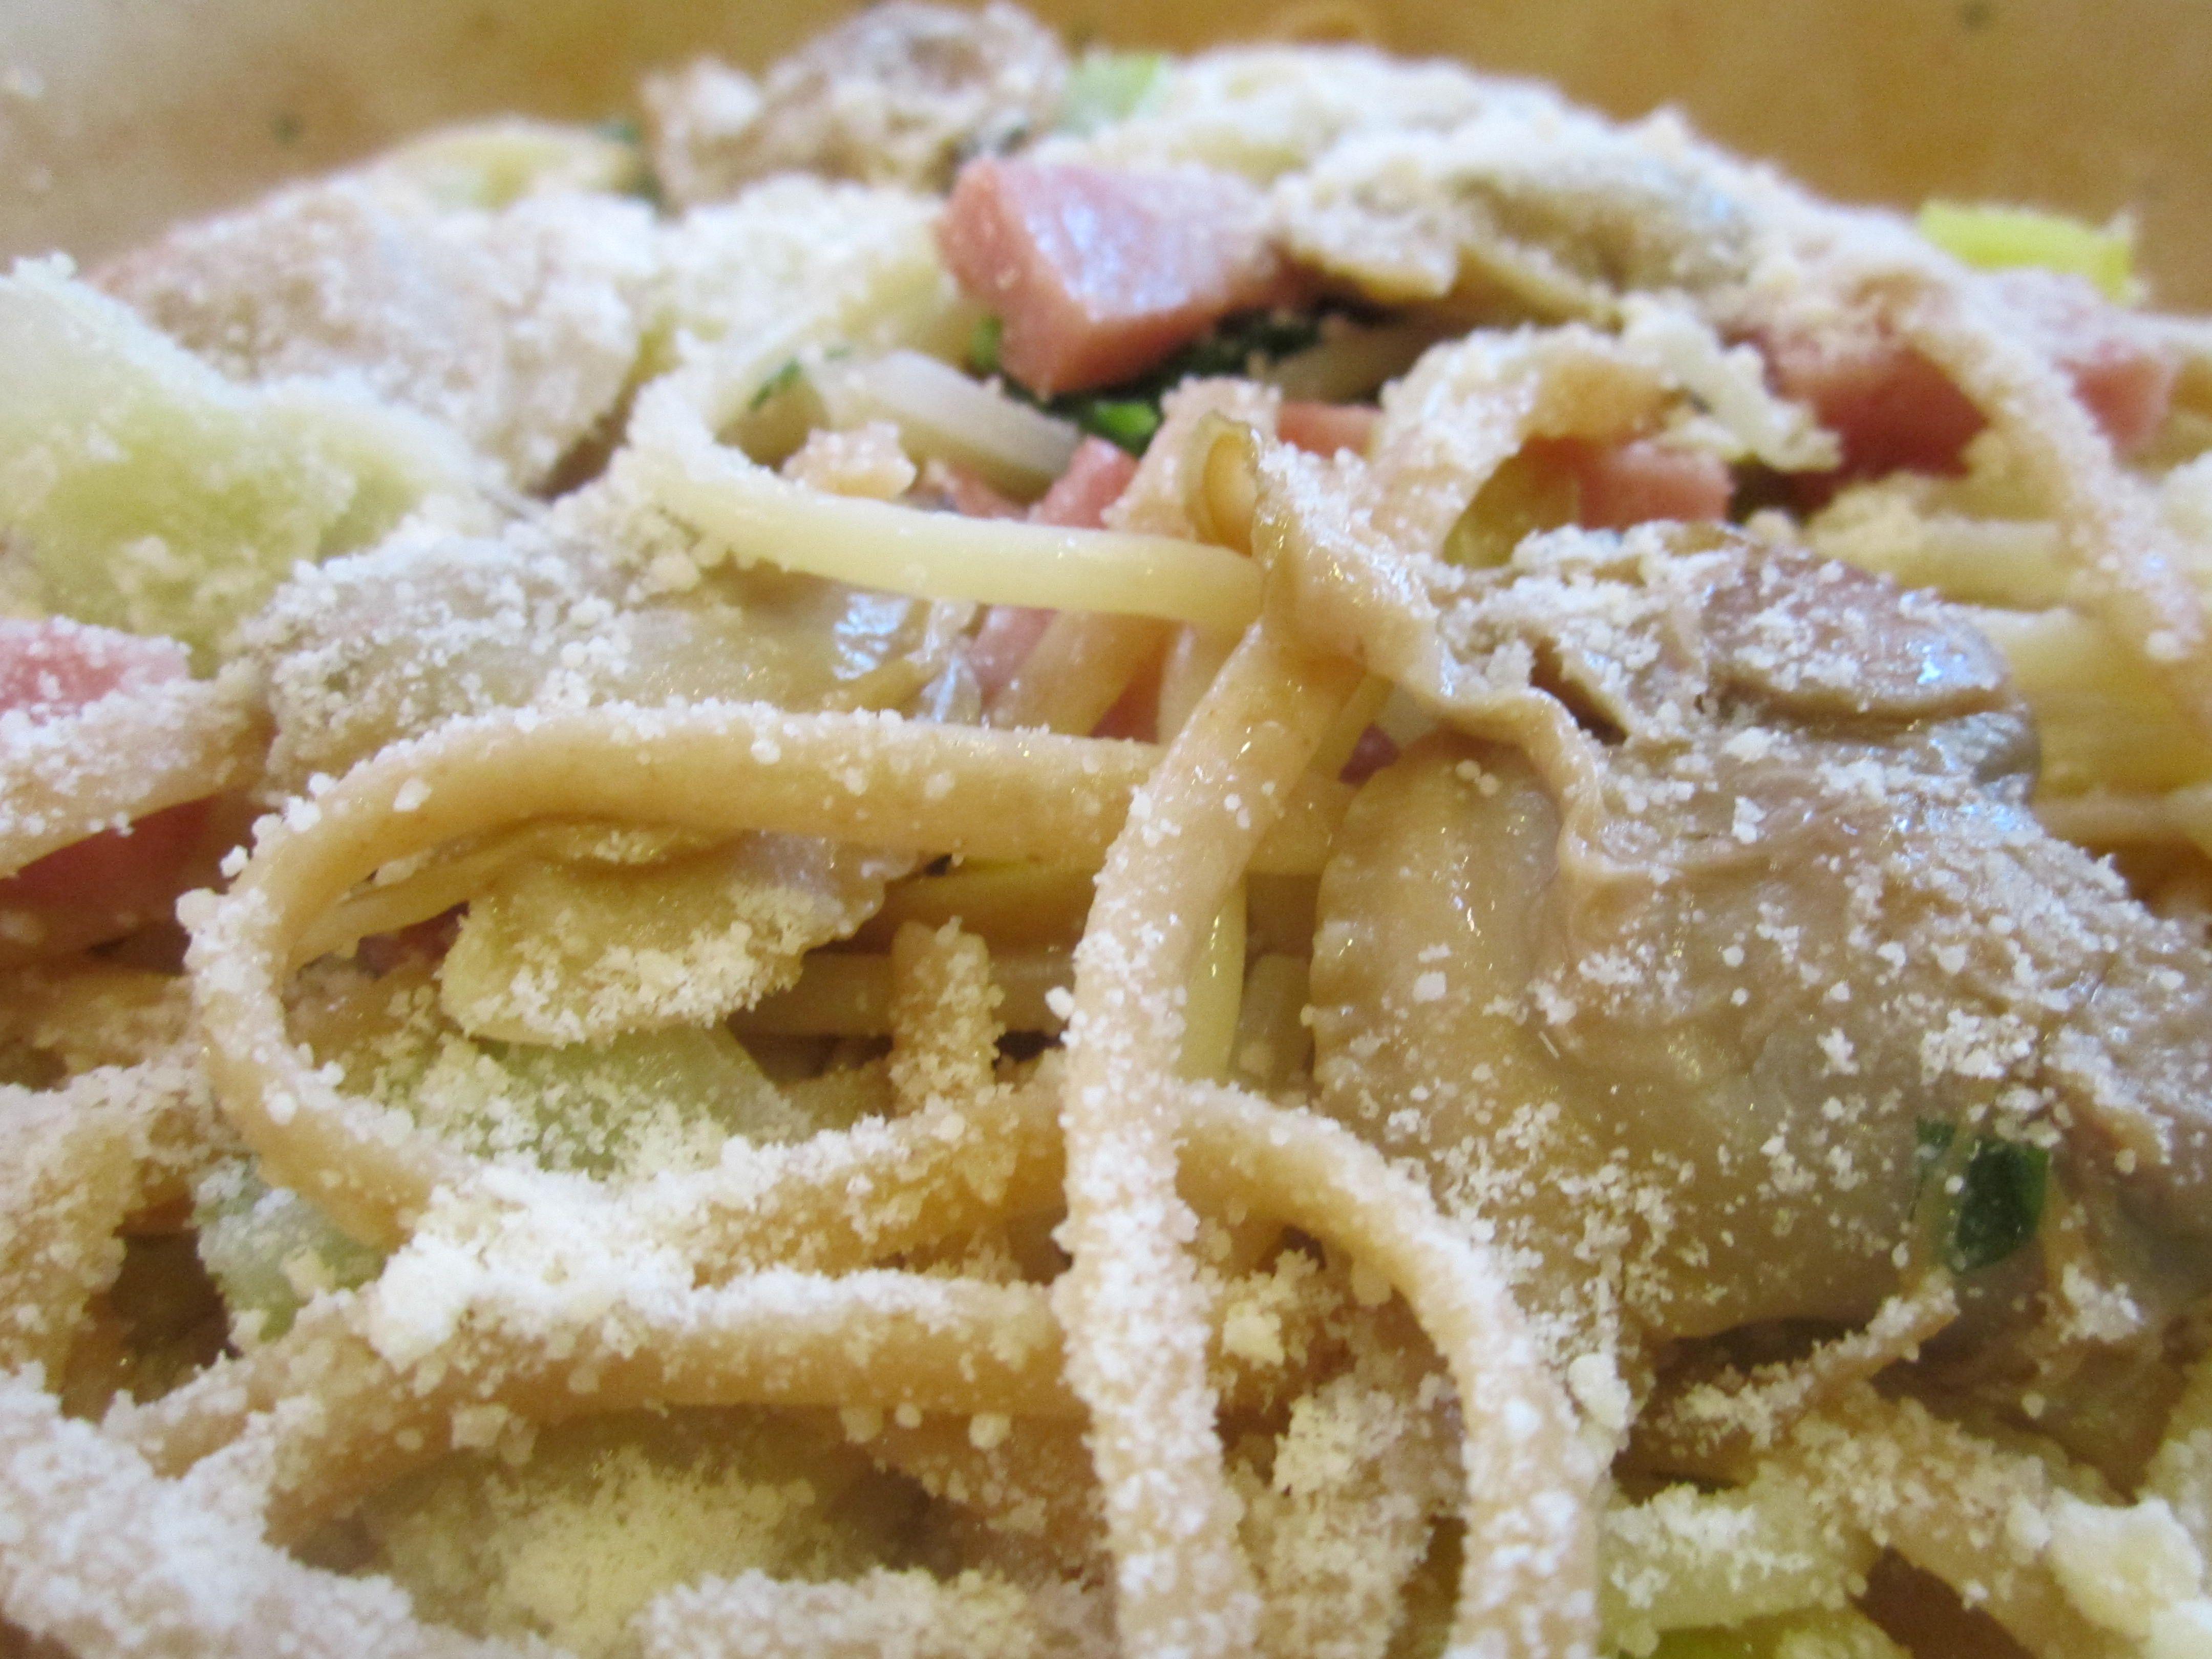 Smoky Clams with Pasta